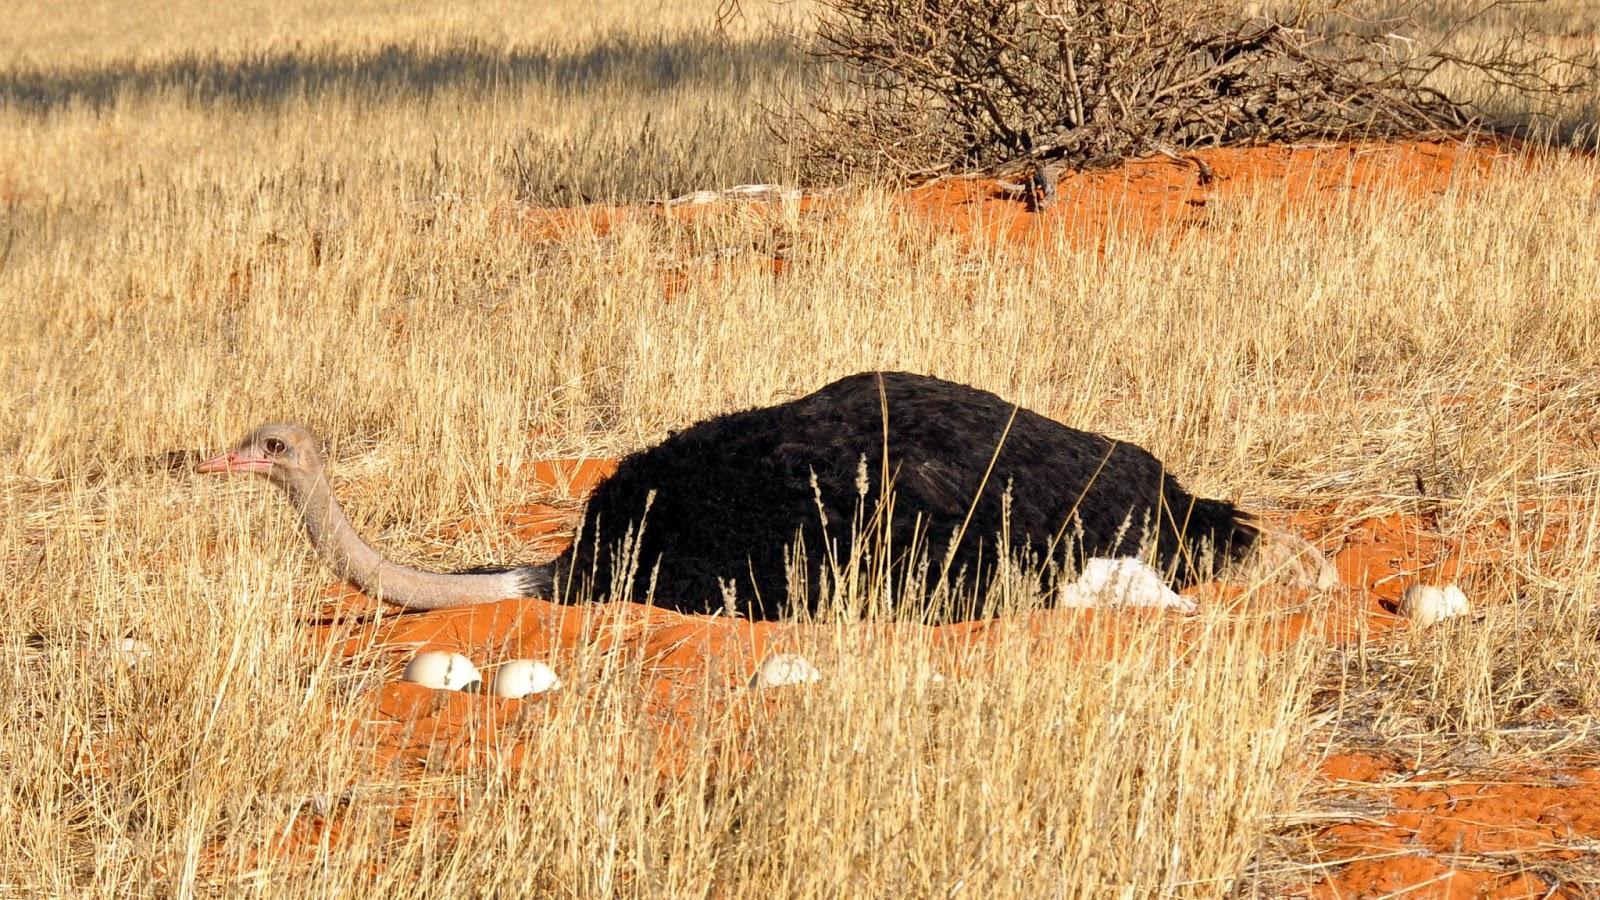 An ostrrich near her eggs.